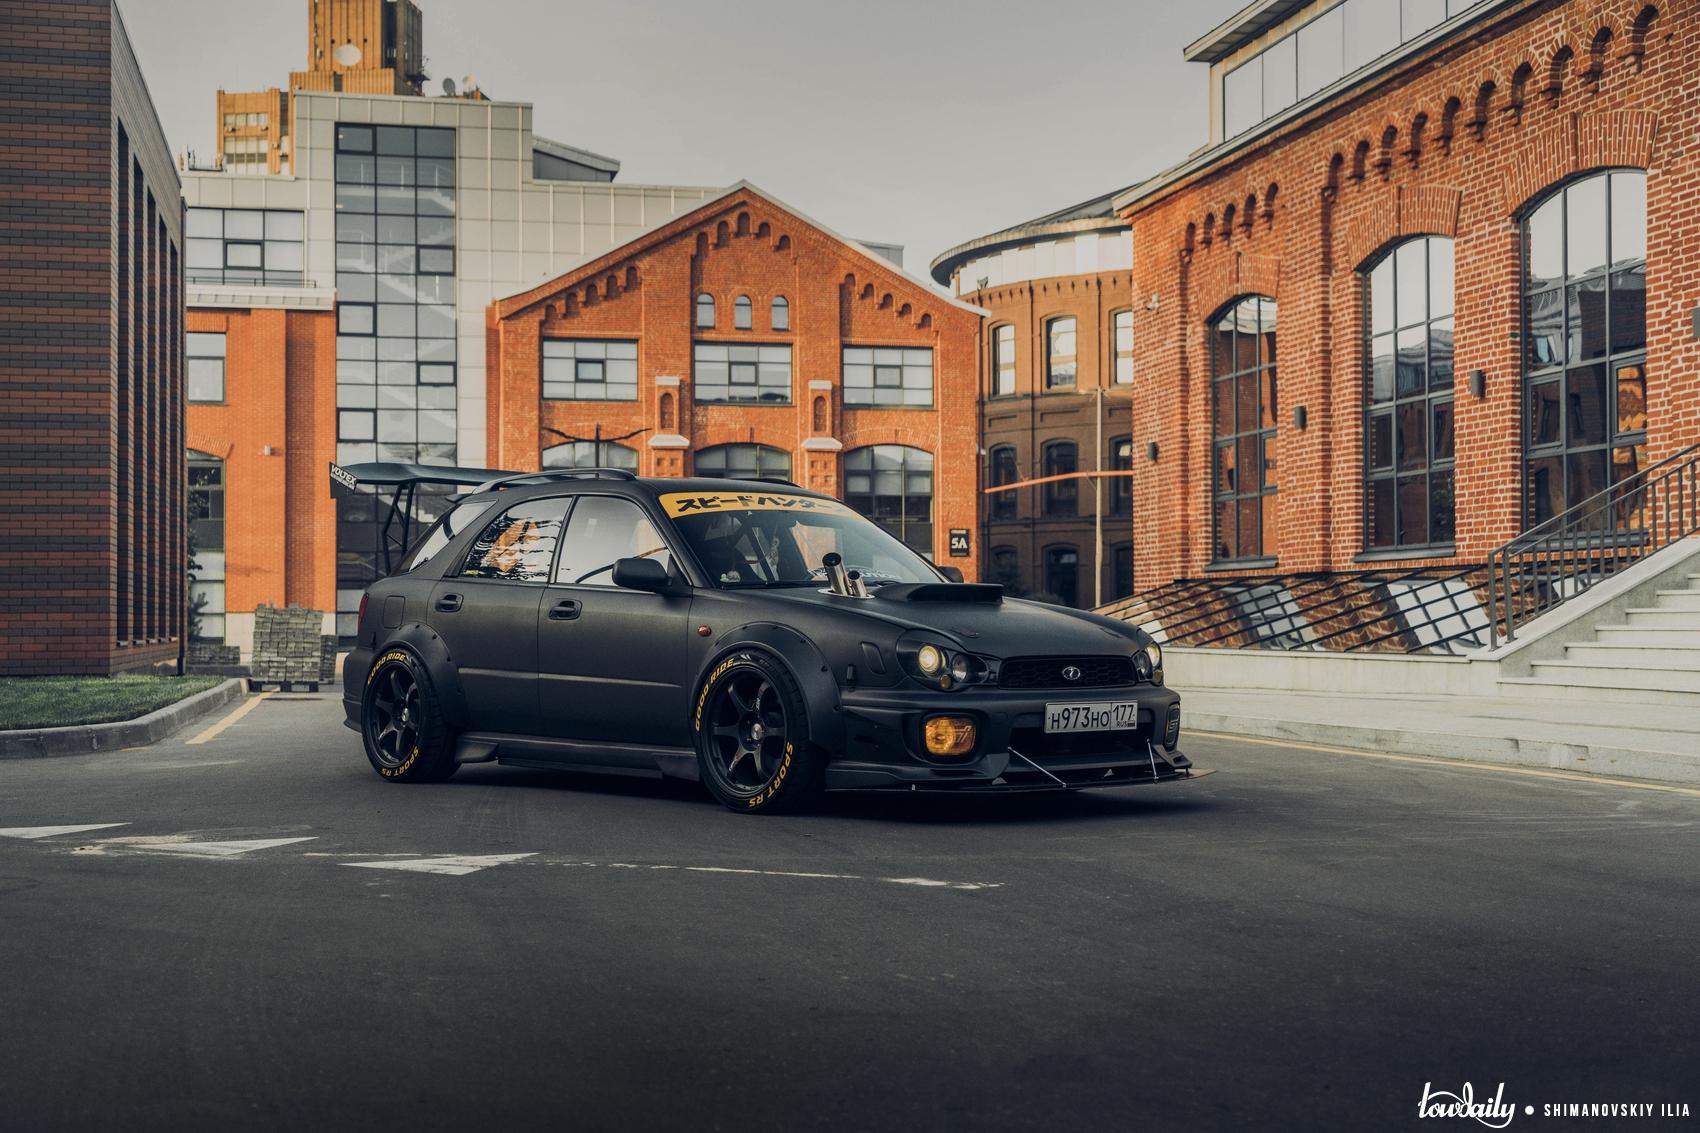 DSC04503 Subaru Wagon Clinched